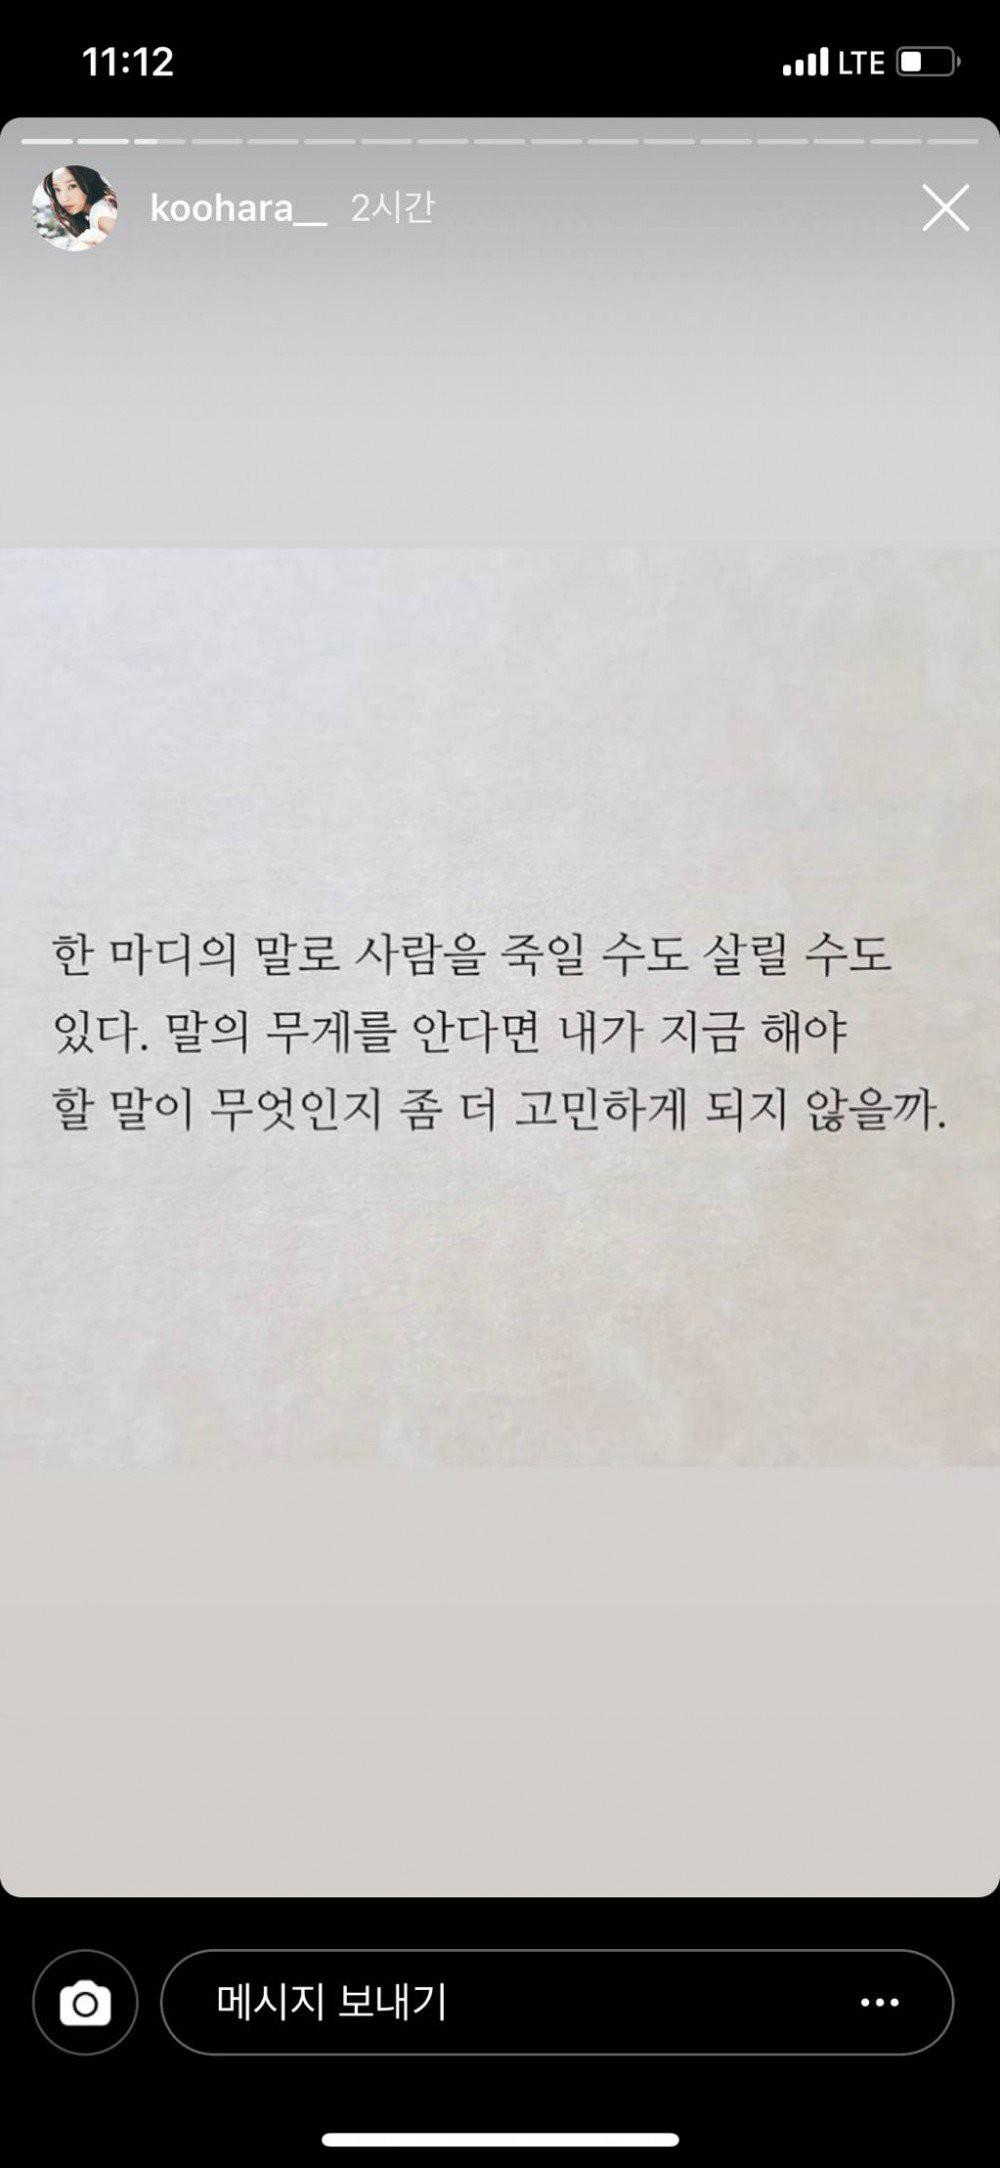 Nguyên nhân dẫn đến ý định tự tử của Goo Hara nằm hết trong loạt thông điệp đầy đau đớn sau đây - 3